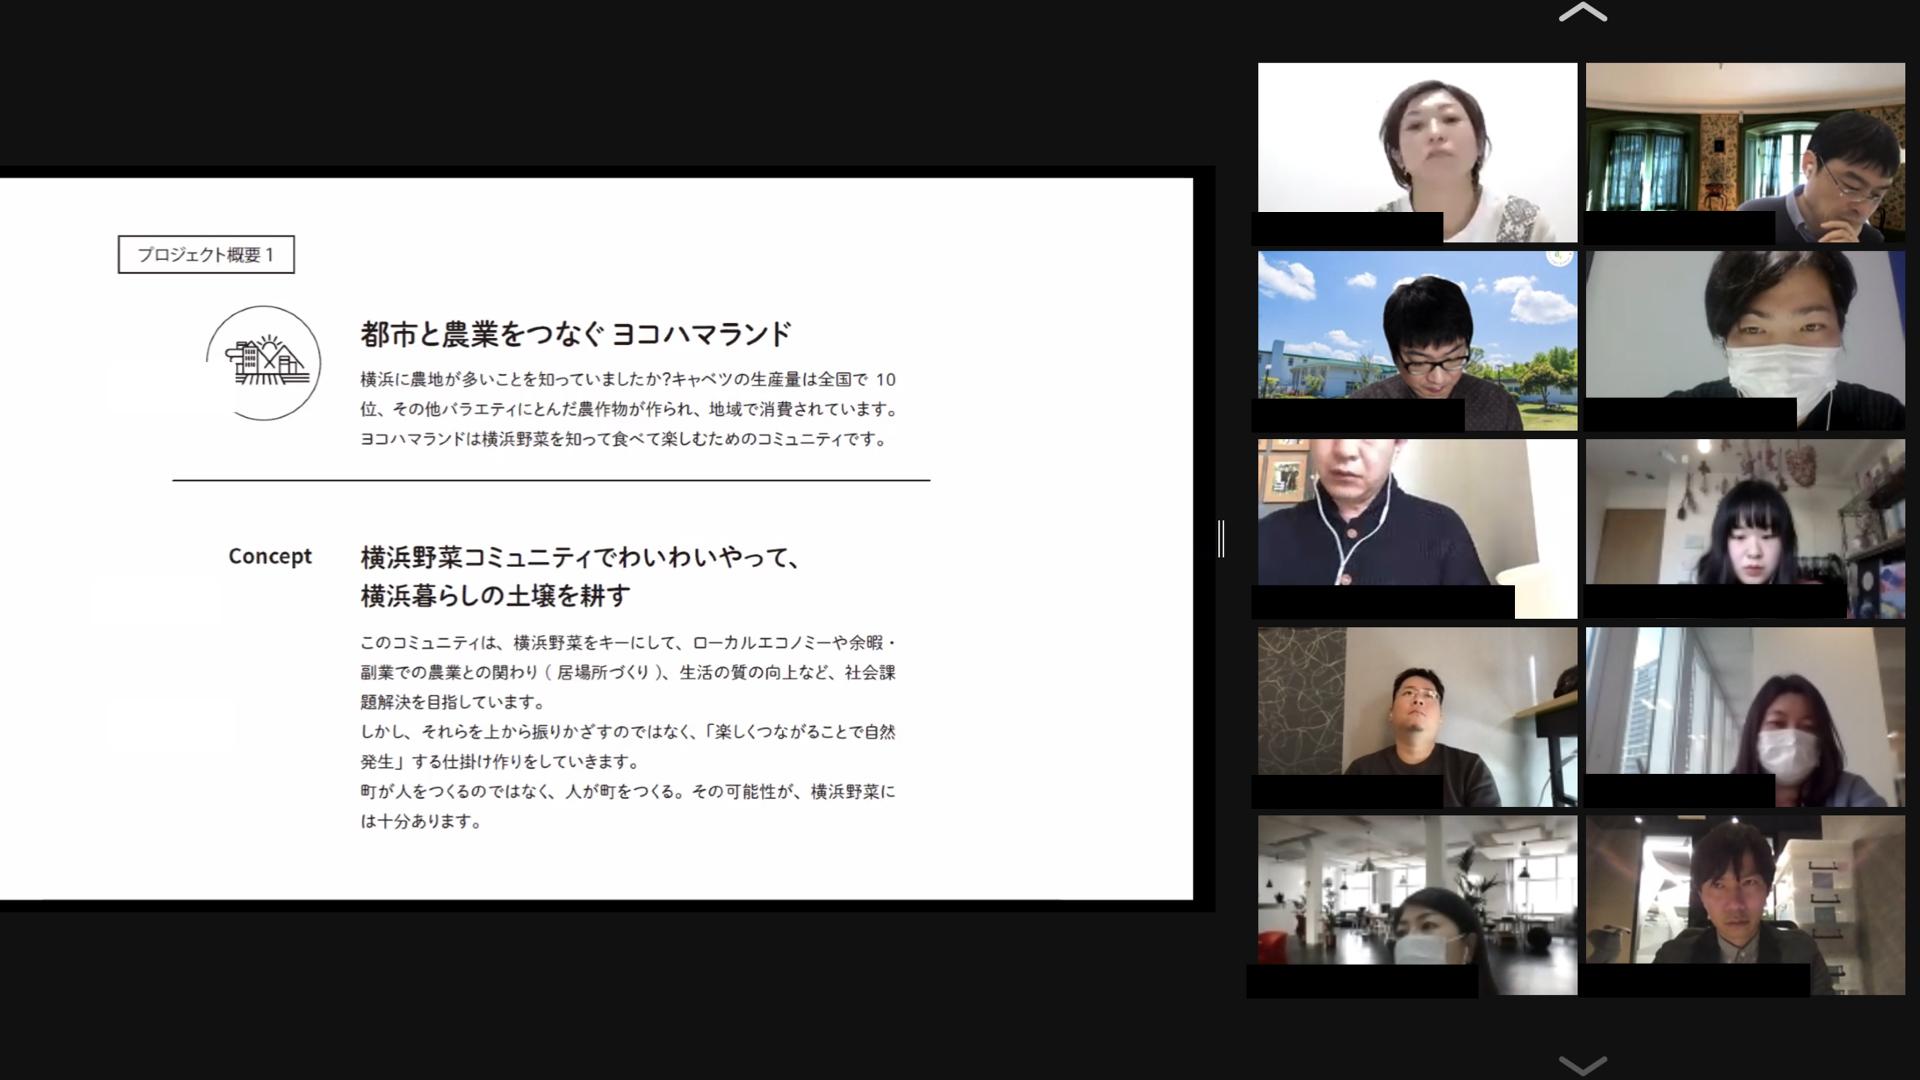 横浜30 OS マスキングver.のコピー.002